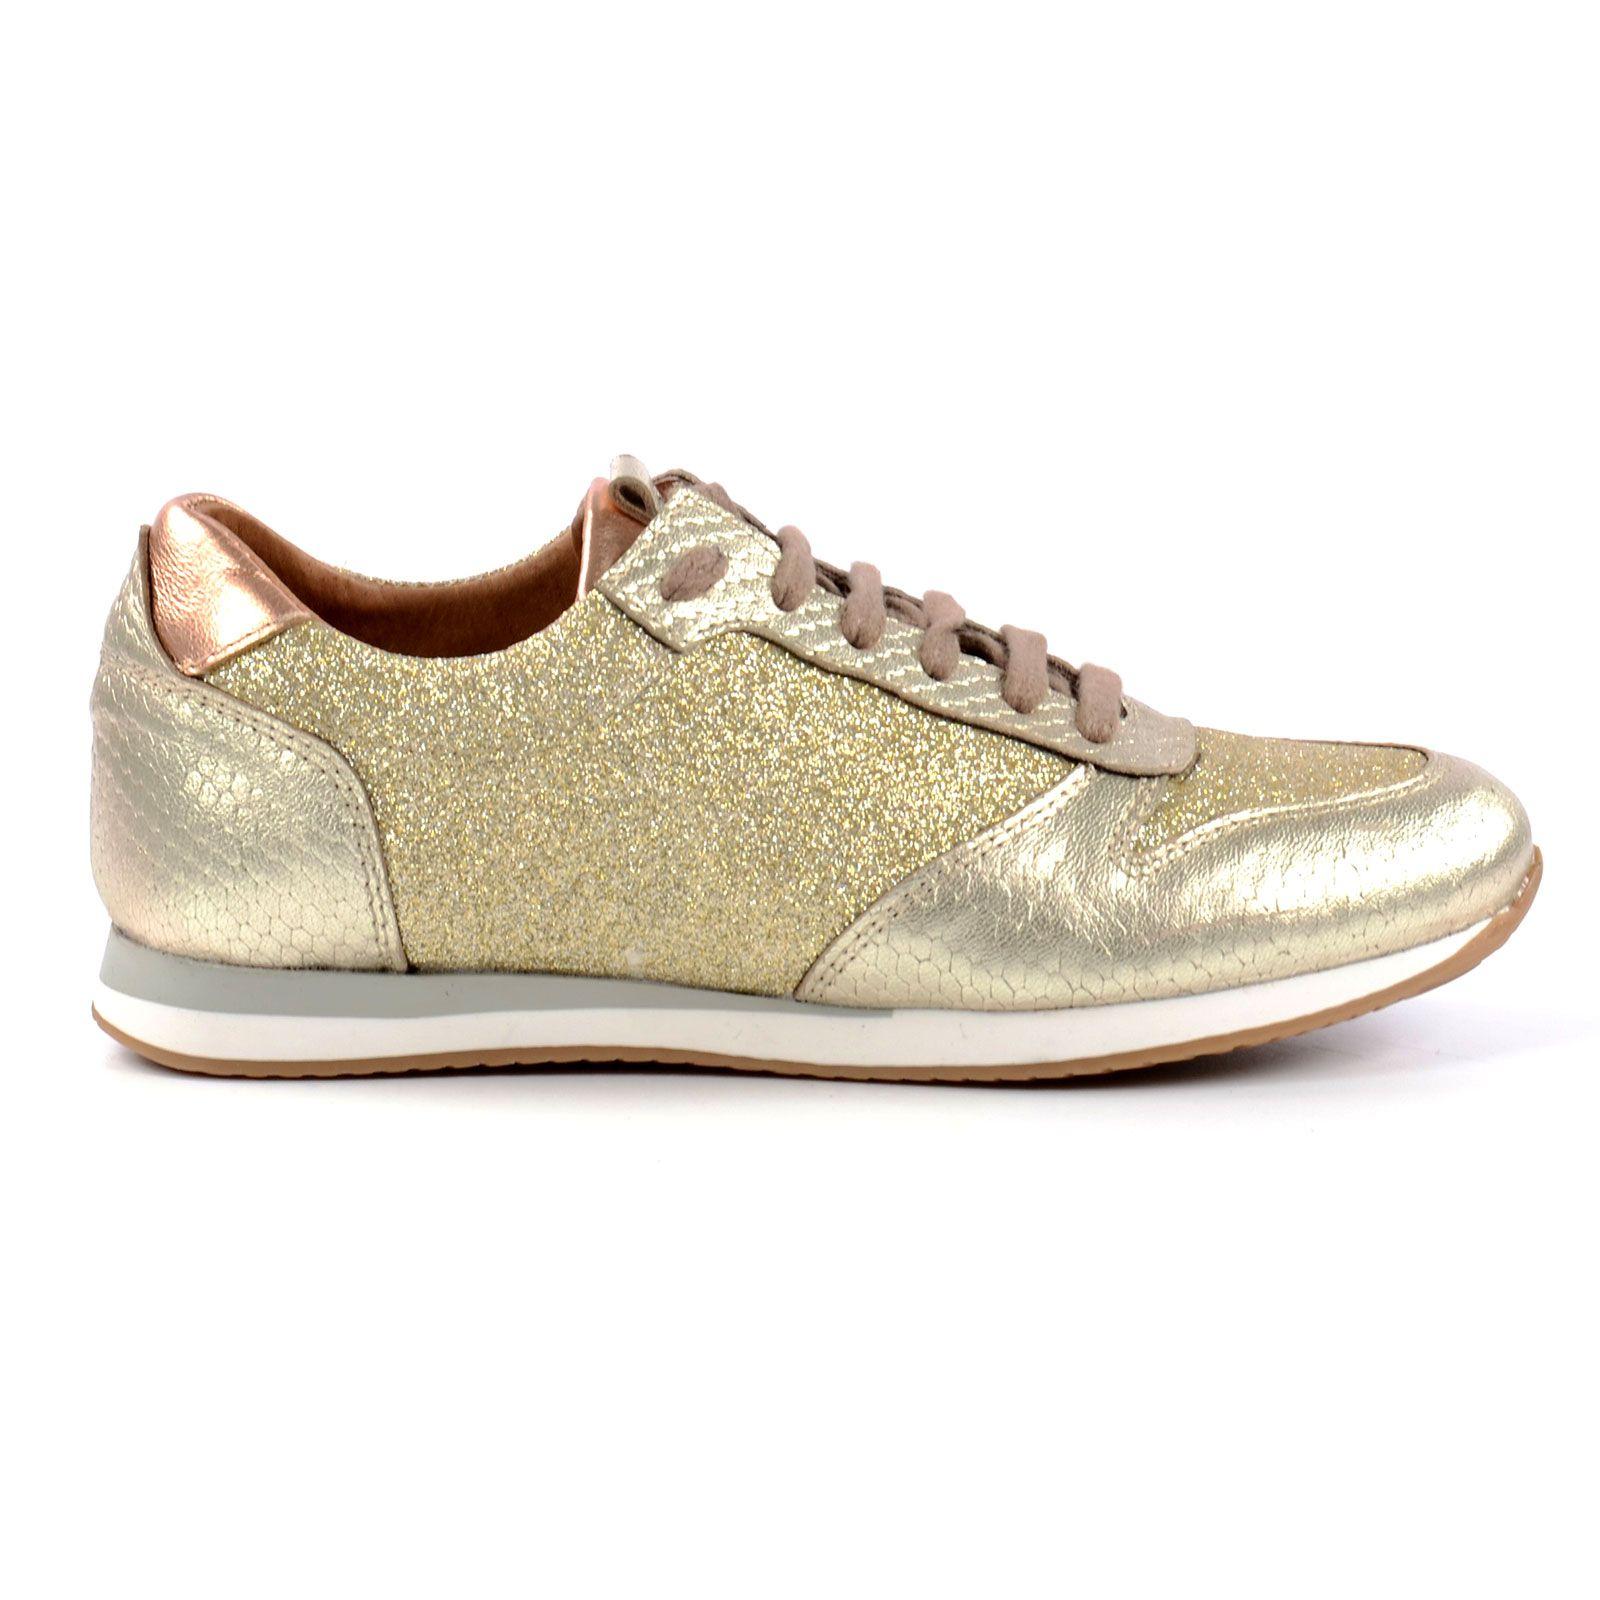 Chaussures De Modèle D'or Philippe AO6xNE